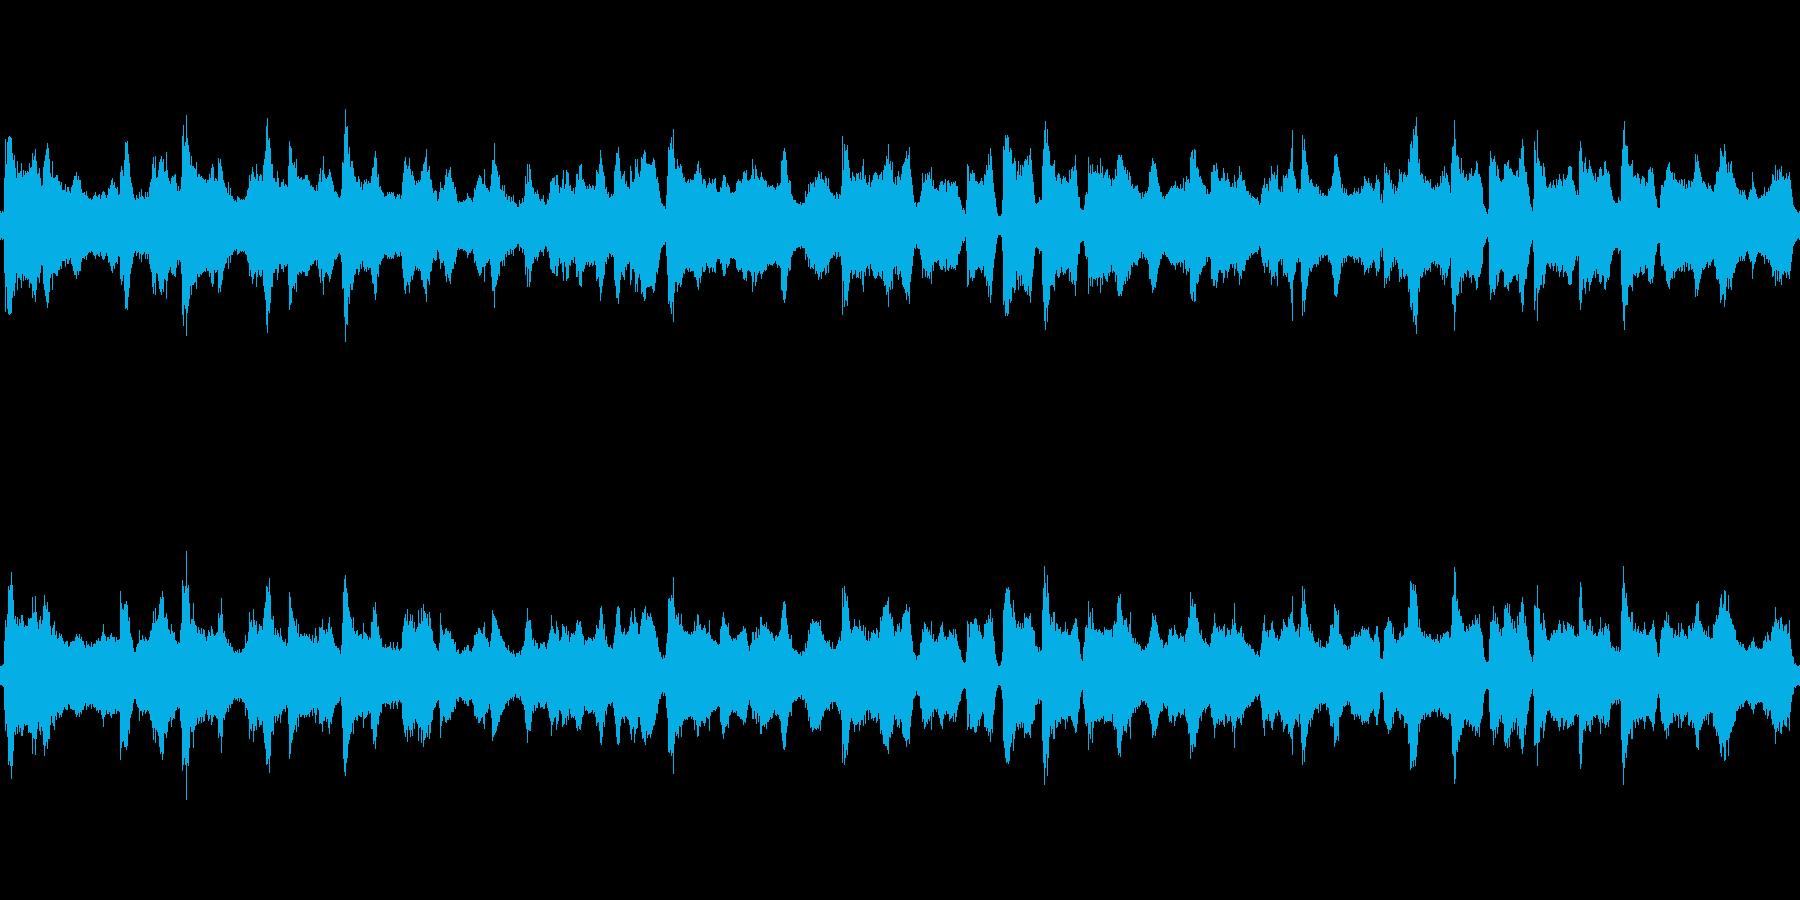 海洋波10分間ループ可能の再生済みの波形